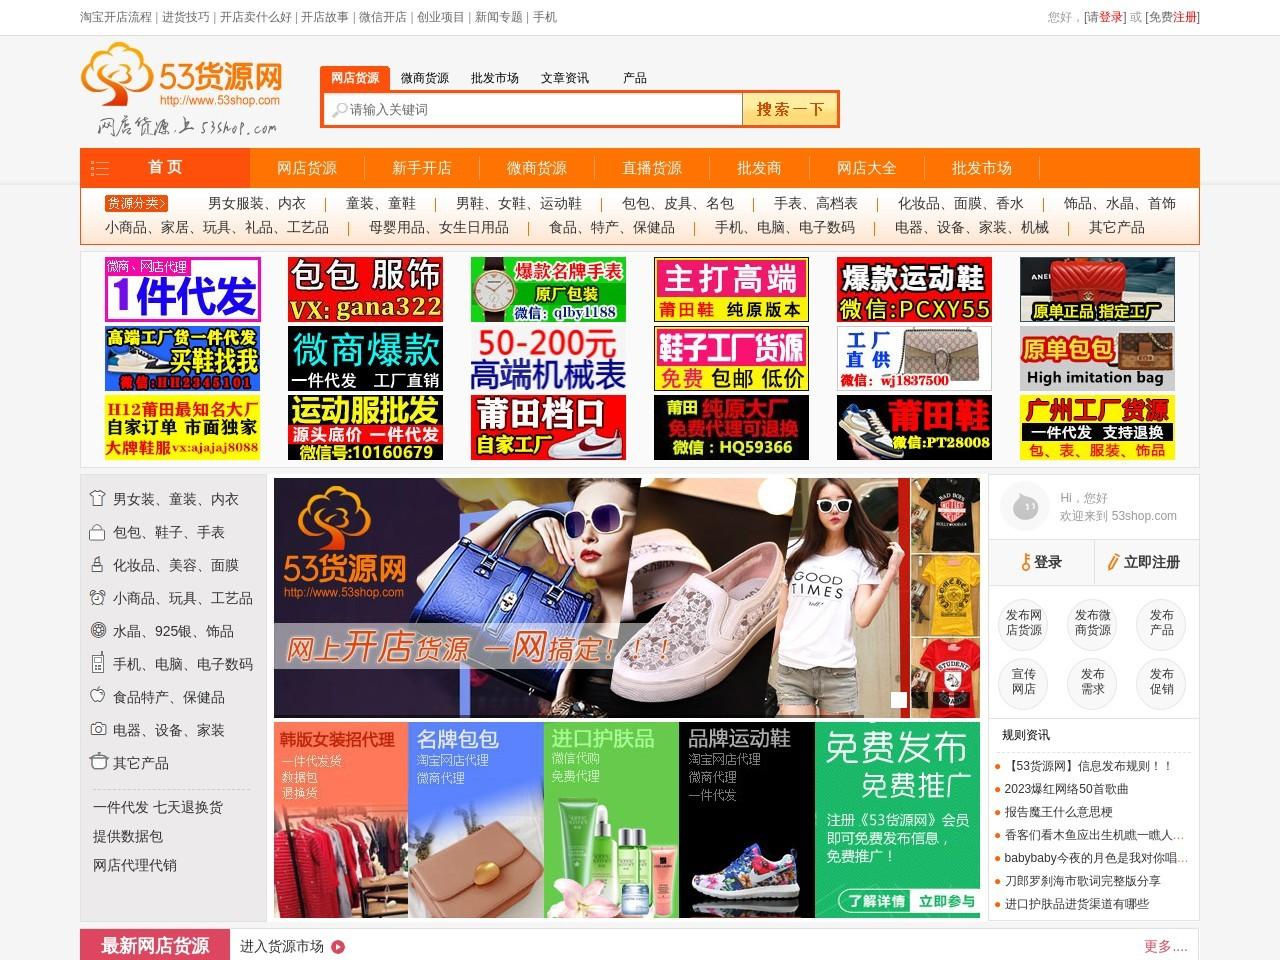 53货源网_提供淘宝网店代理代销以及微商货源一件代发平台